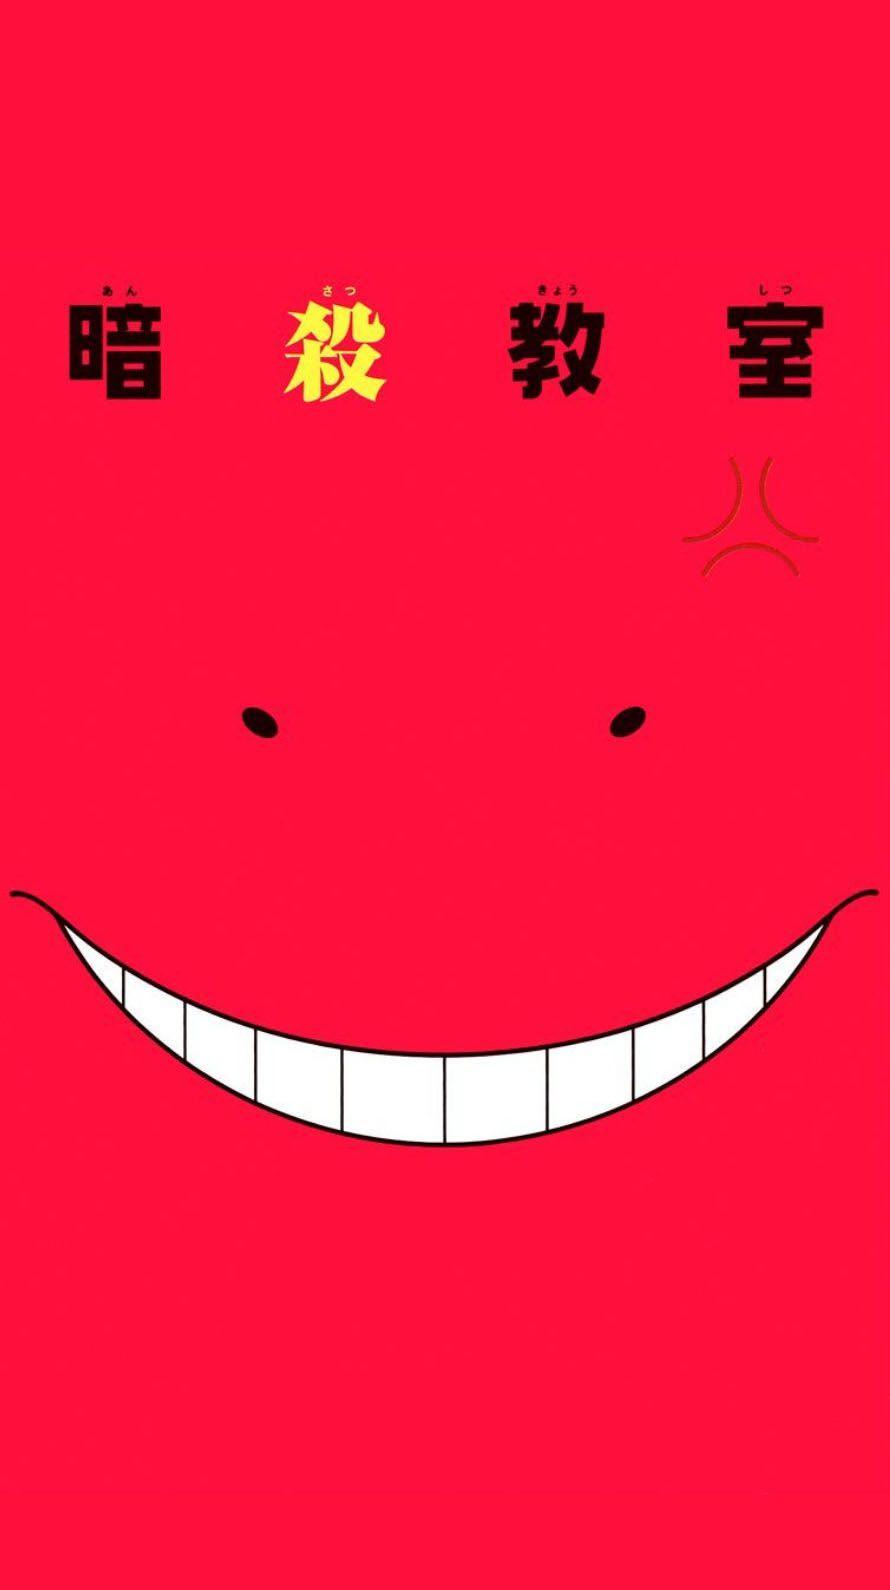 暗殺教室 Iphone壁紙画像 Androidスマホ壁紙 2 アニメ壁紙ネット